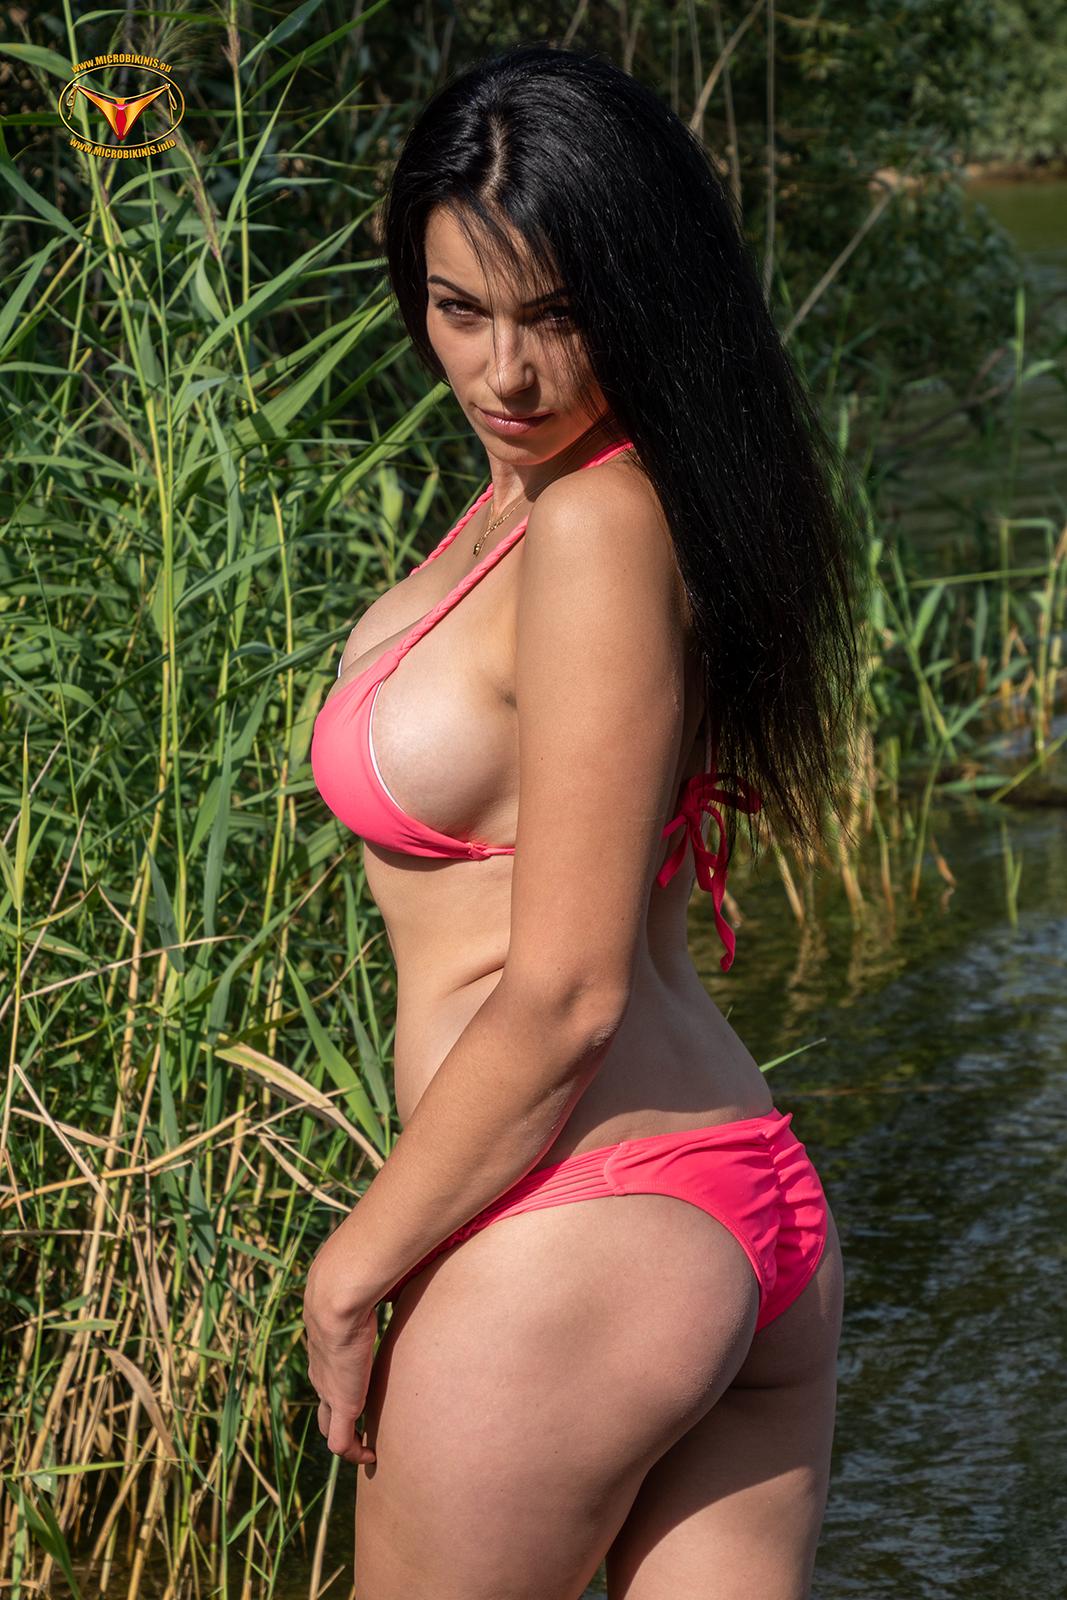 Microbikinis Bikinigirl, Micro Bikini Model Irca bikini girl from Berlin